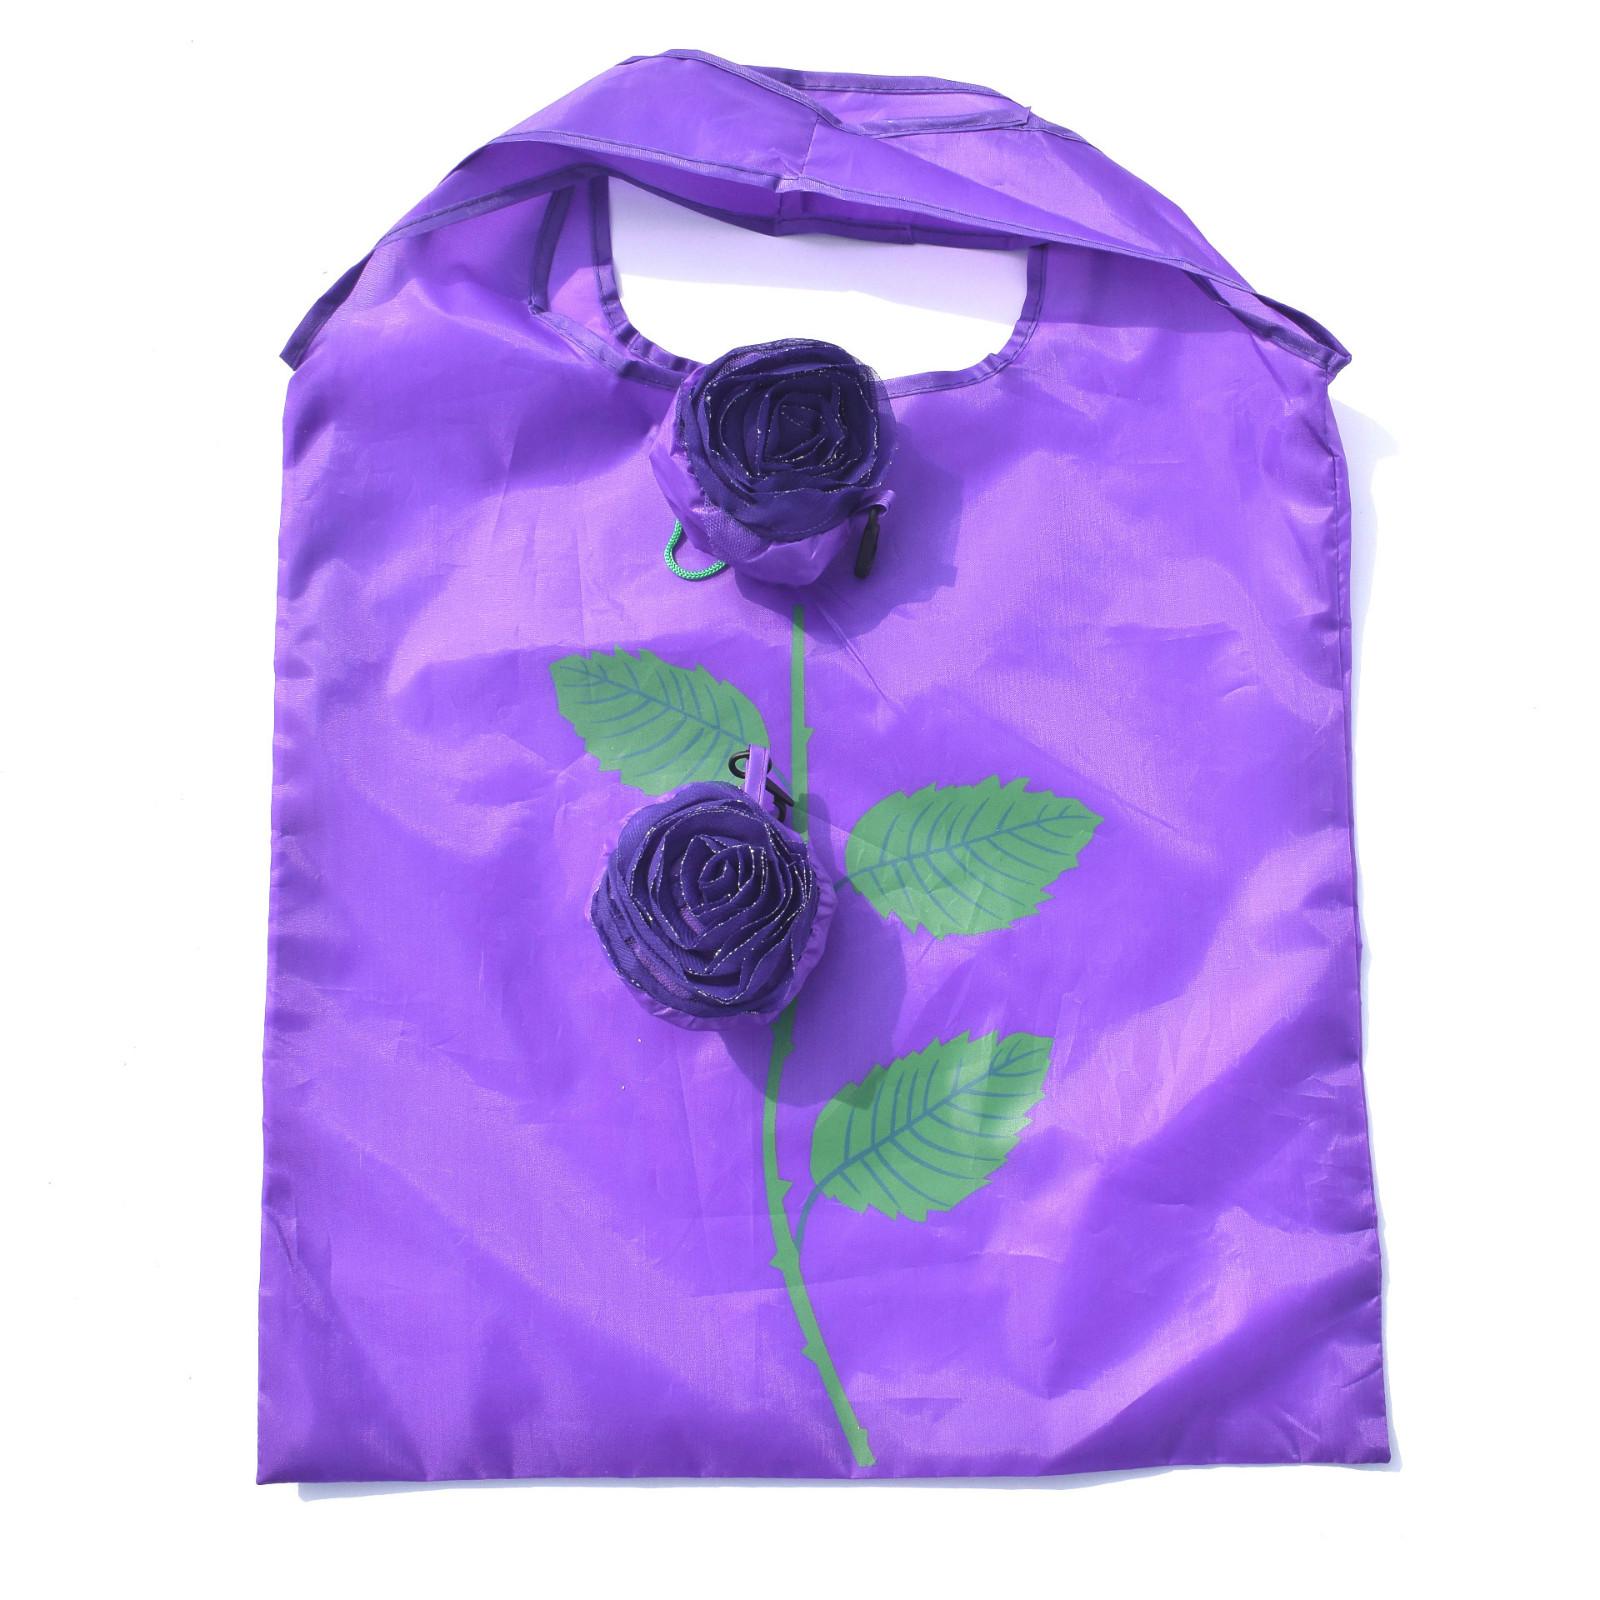 Alliance elegant reusable shopping bags factory for shopper-2